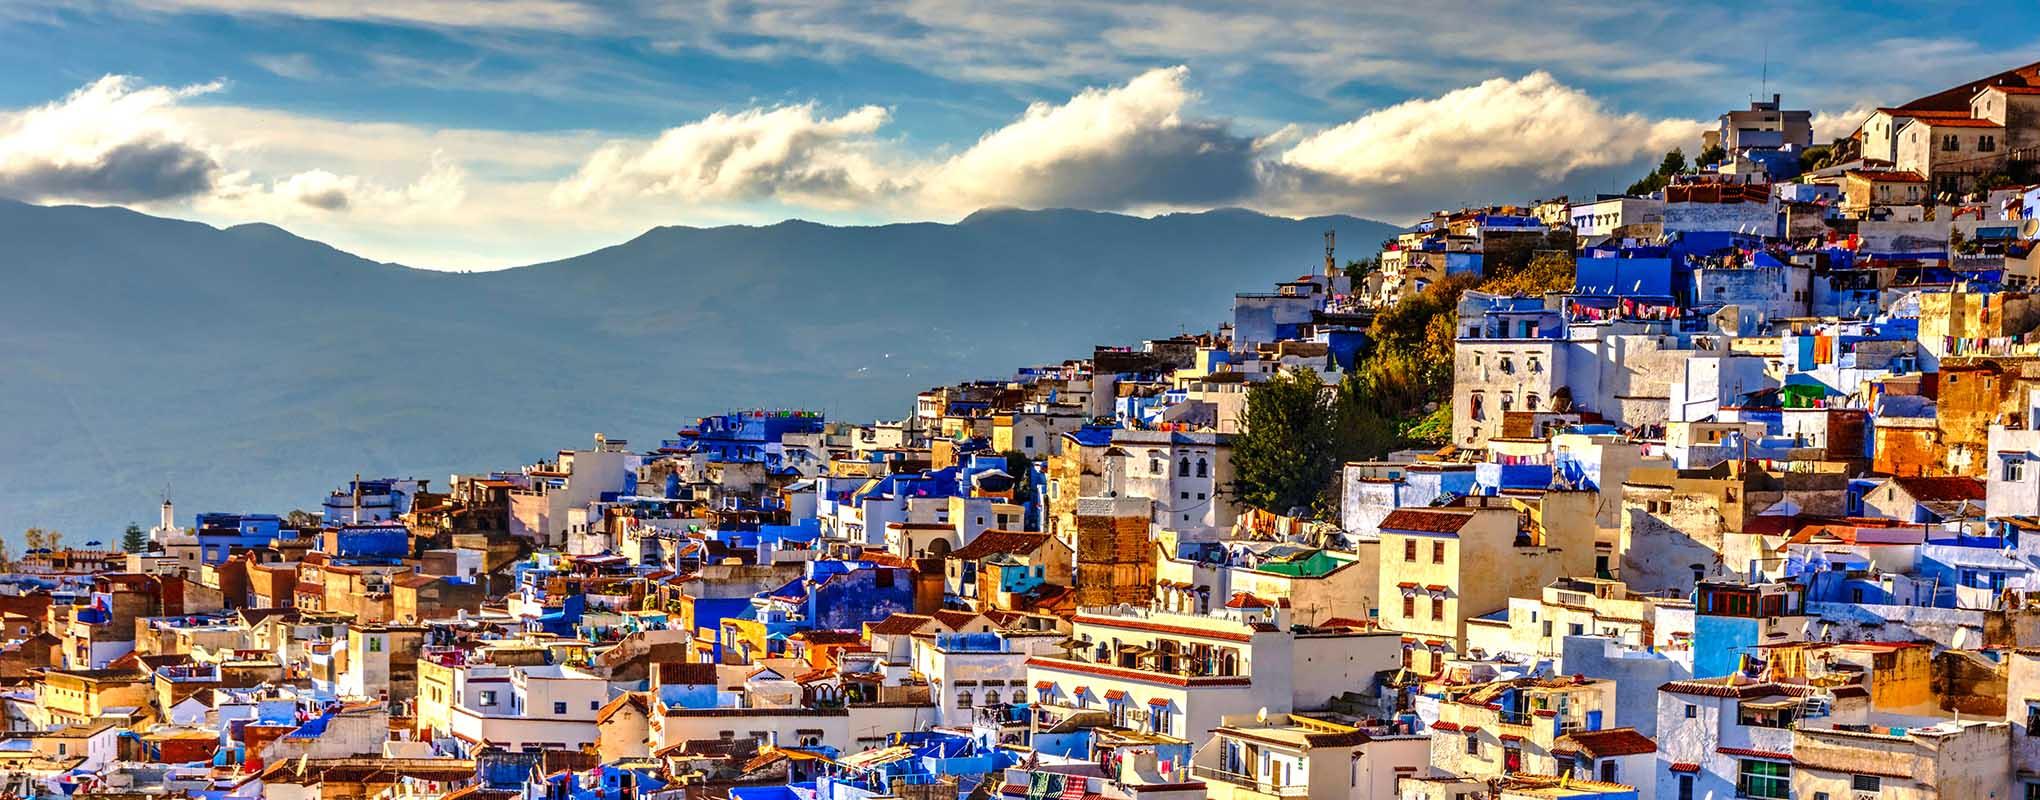 Chefchaouen Marruecos